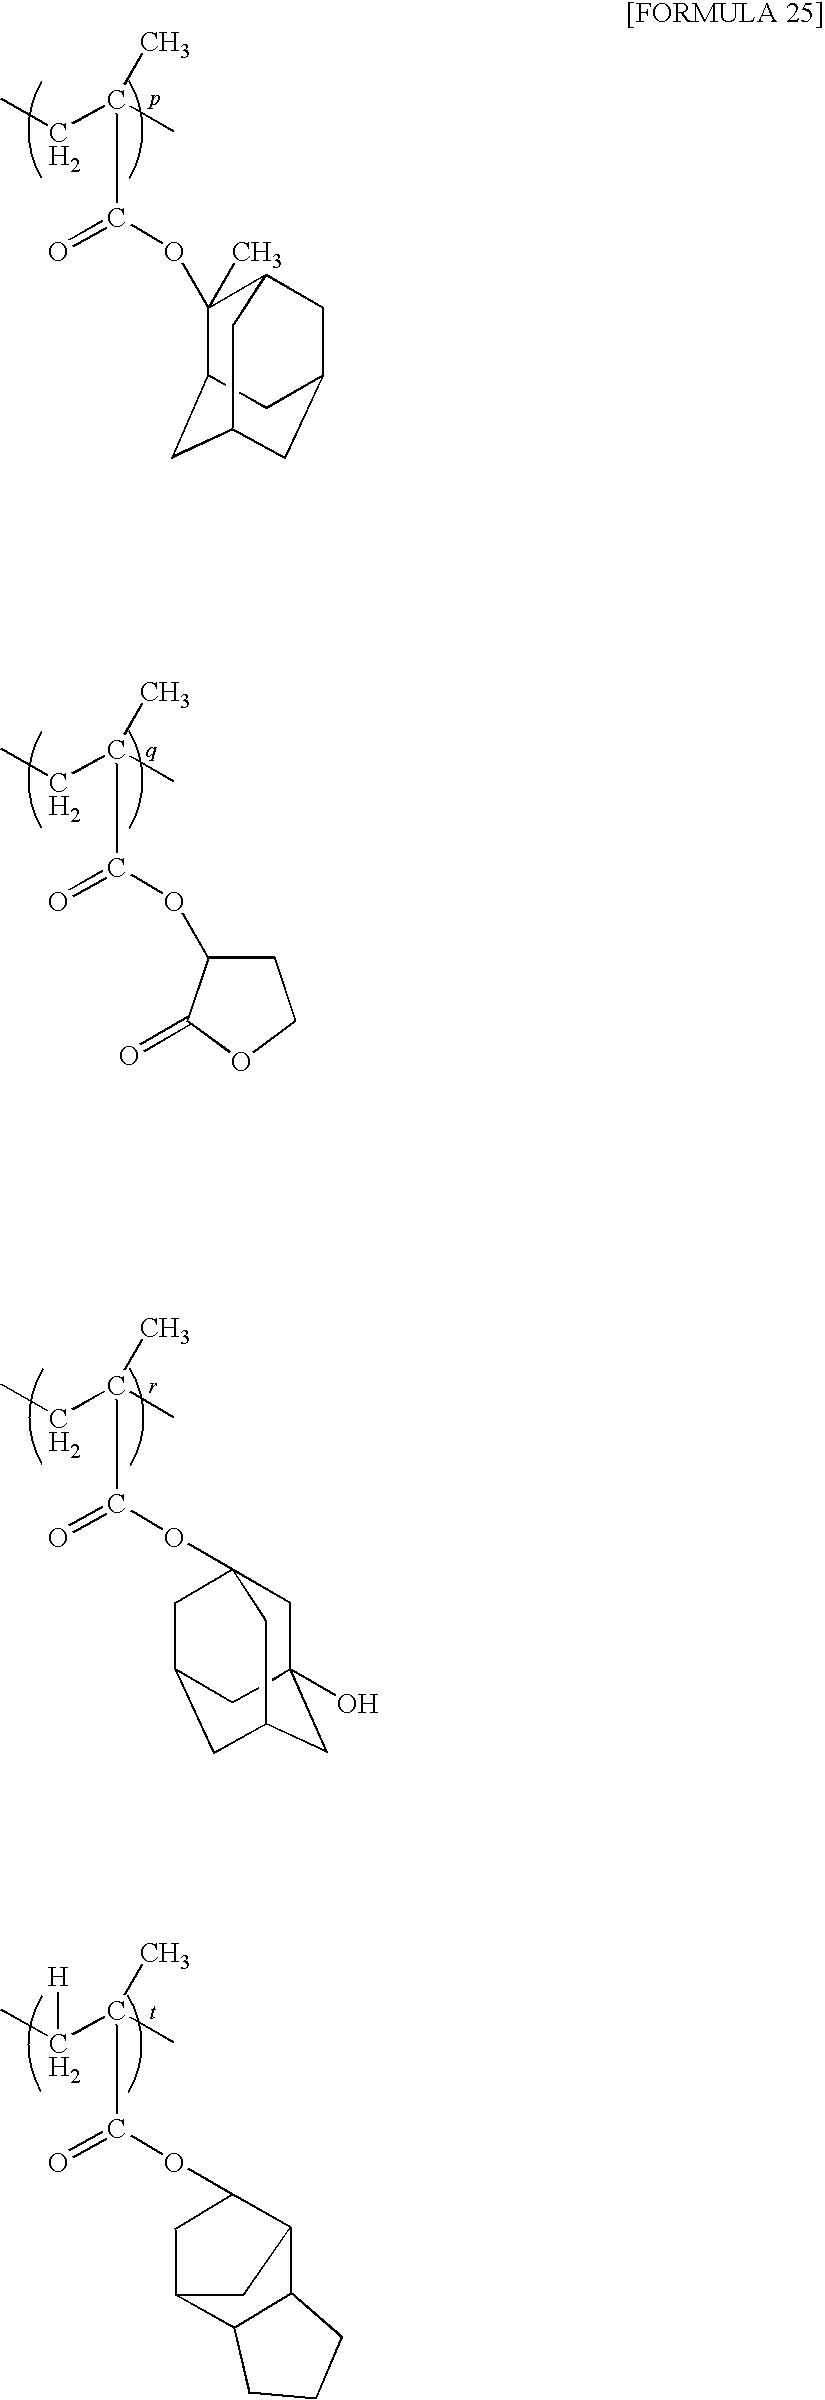 Figure US07541138-20090602-C00023